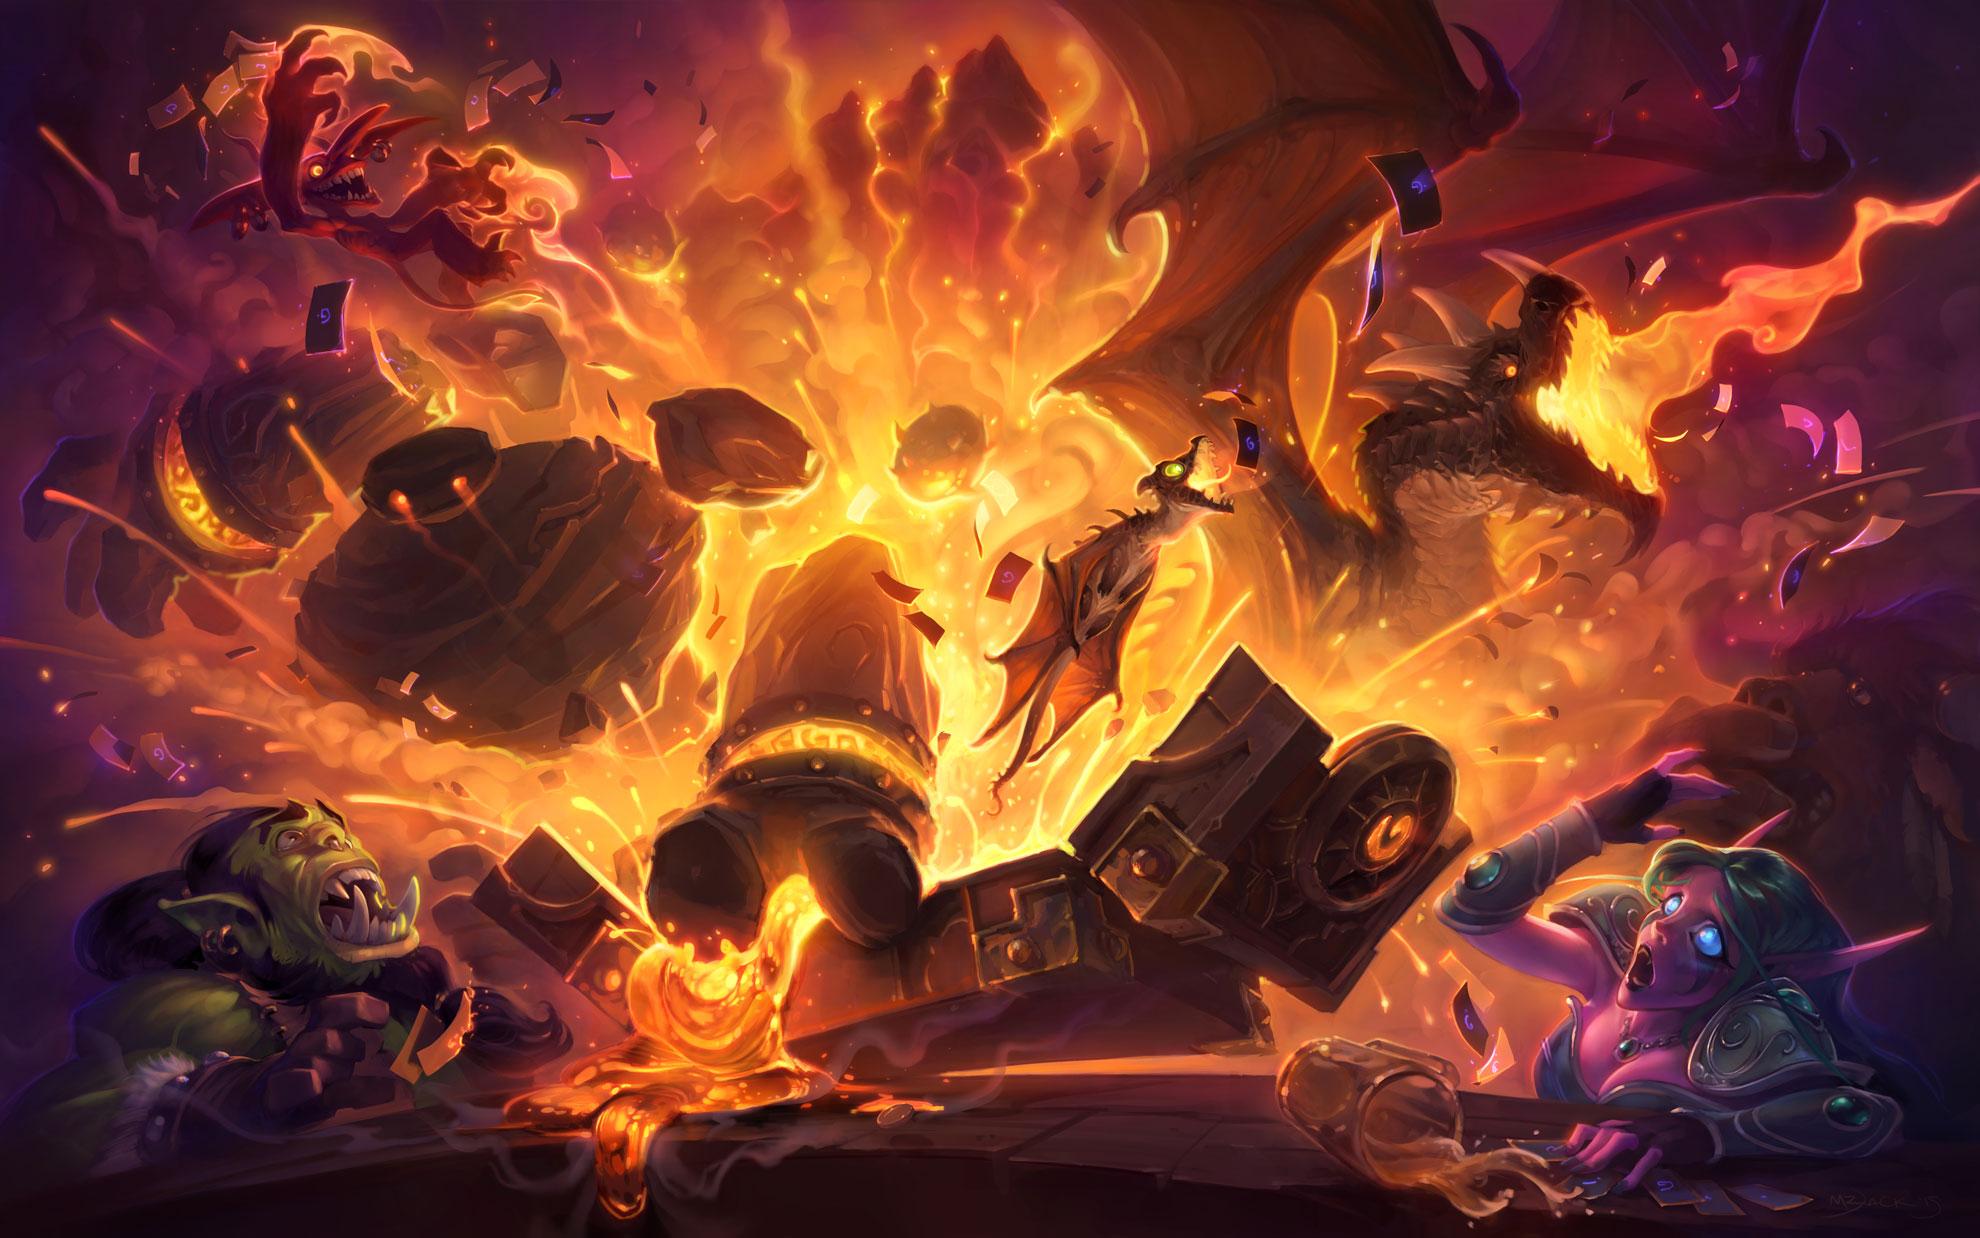 炉石传说黑石山的火焰高清精美原图欣赏 欧